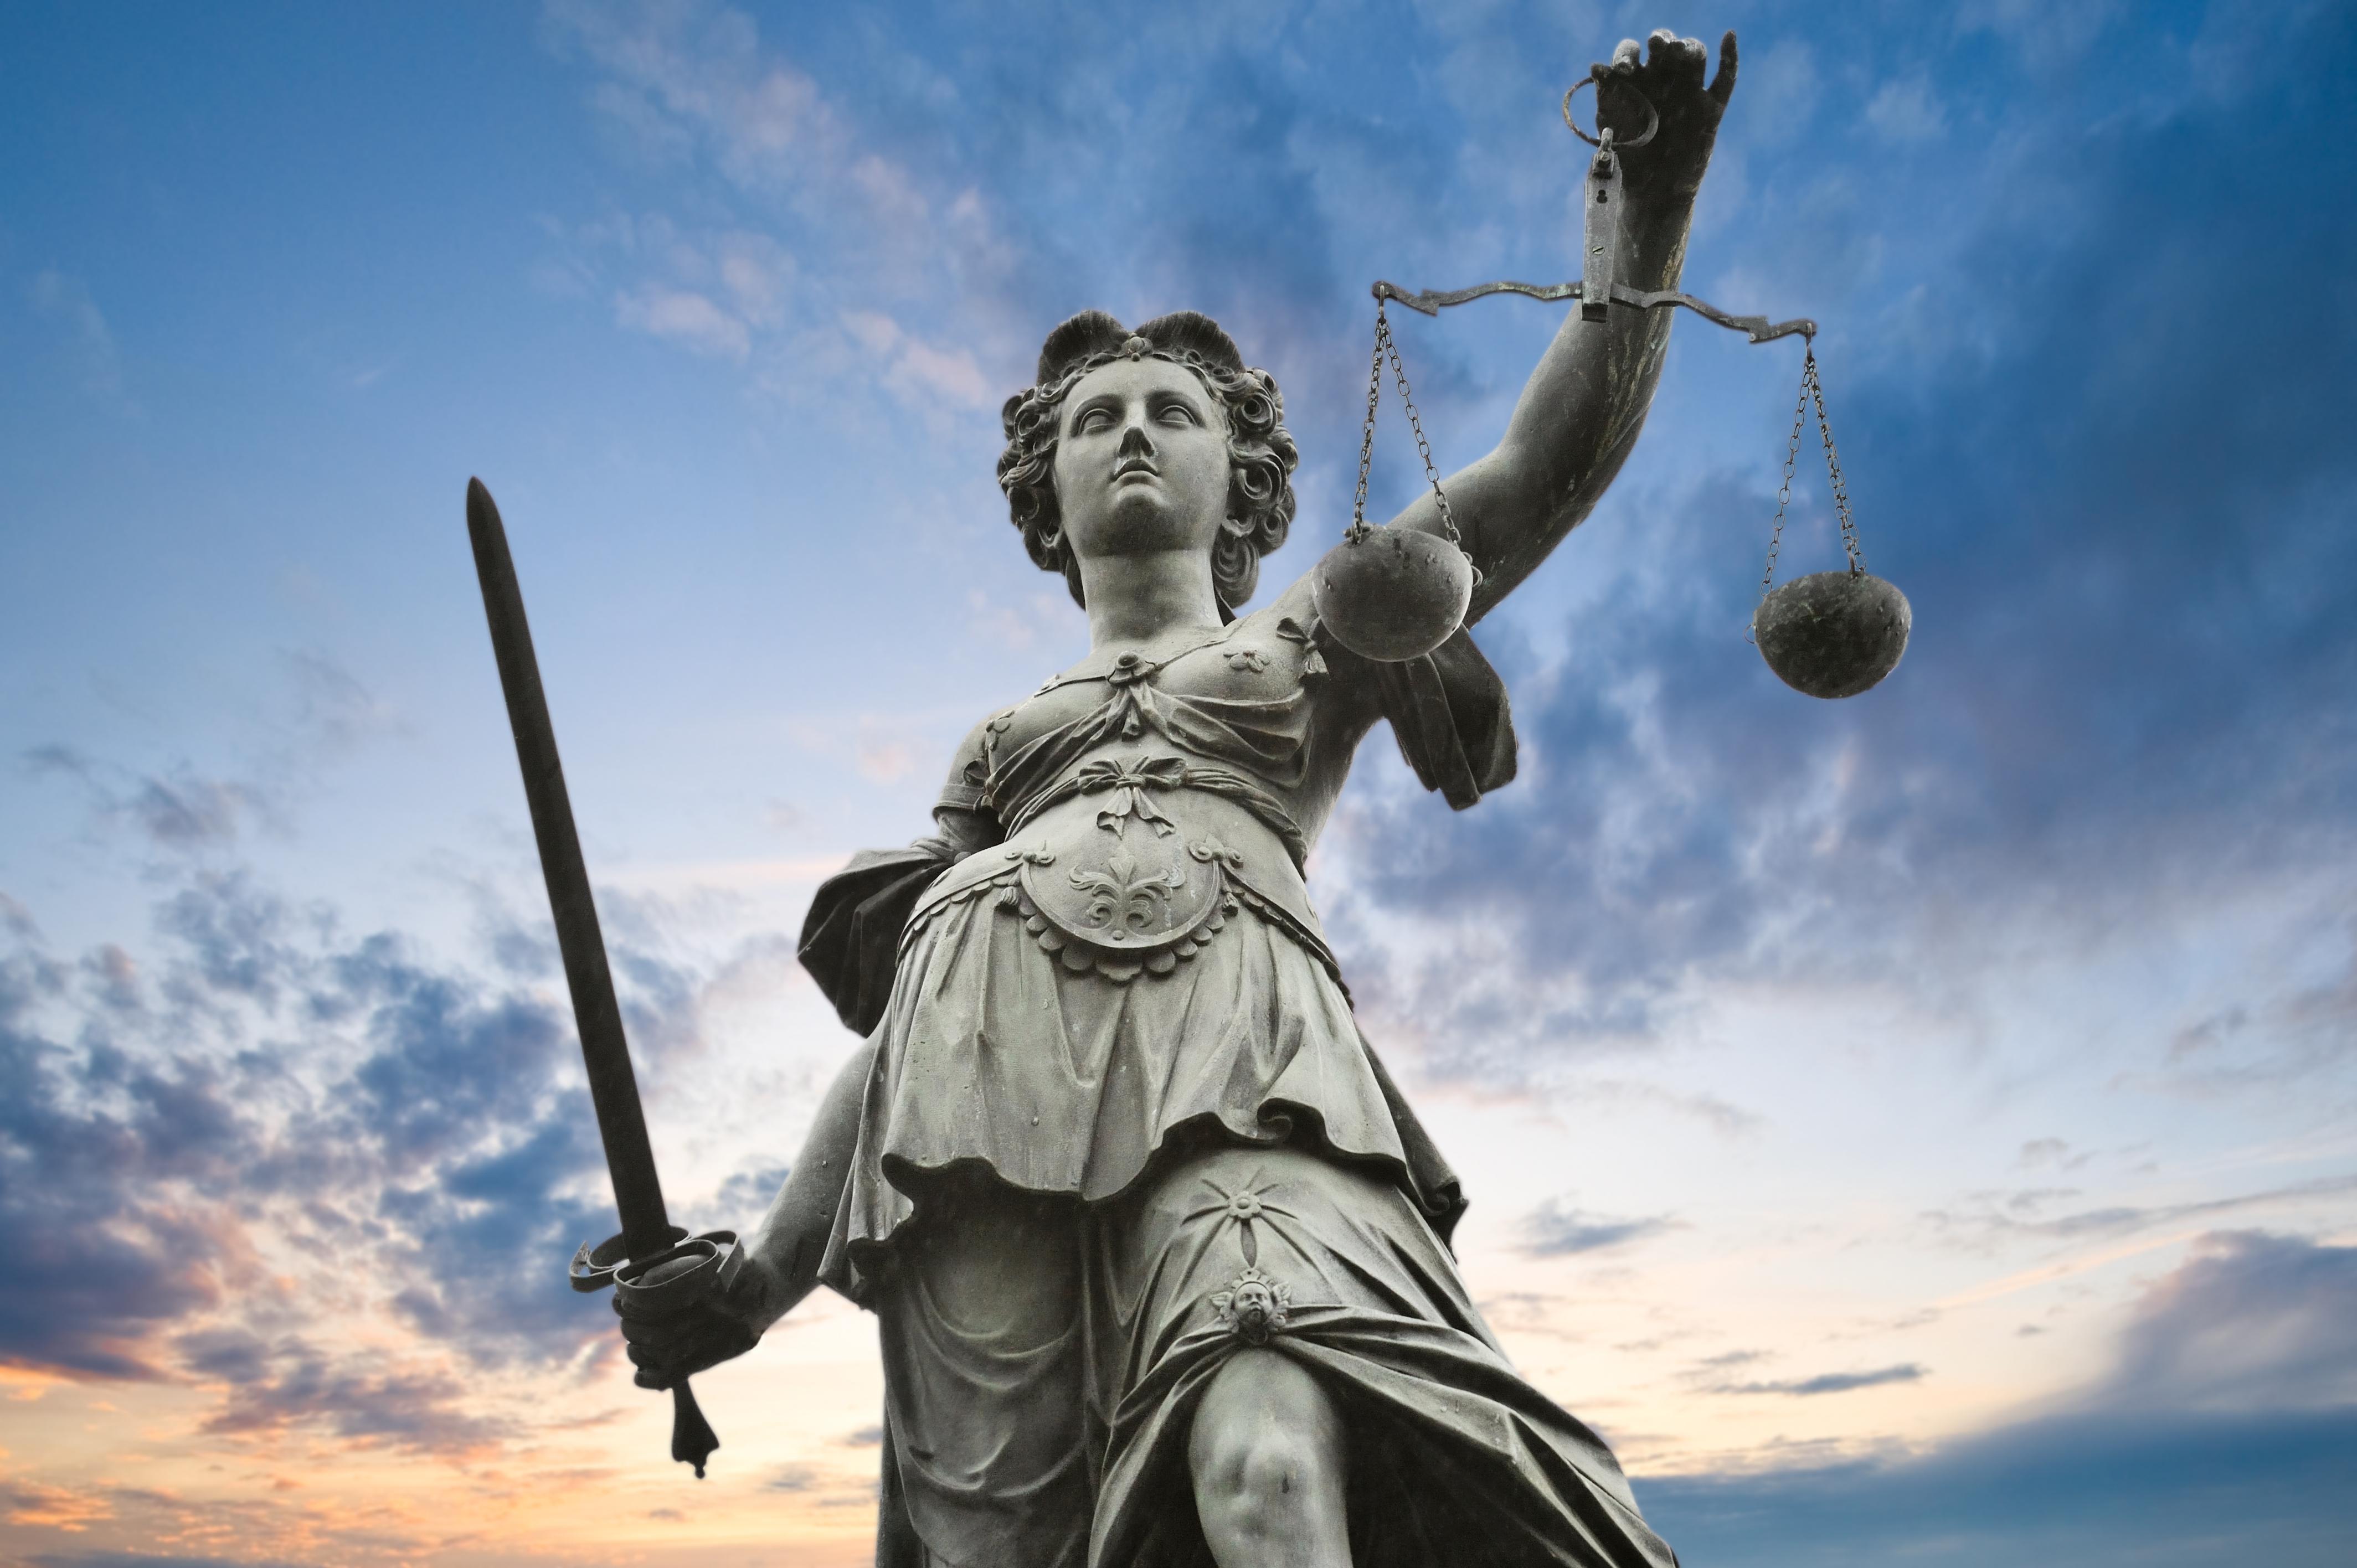 Femme battue : la droiture de la justice face aux aléas de l'amour